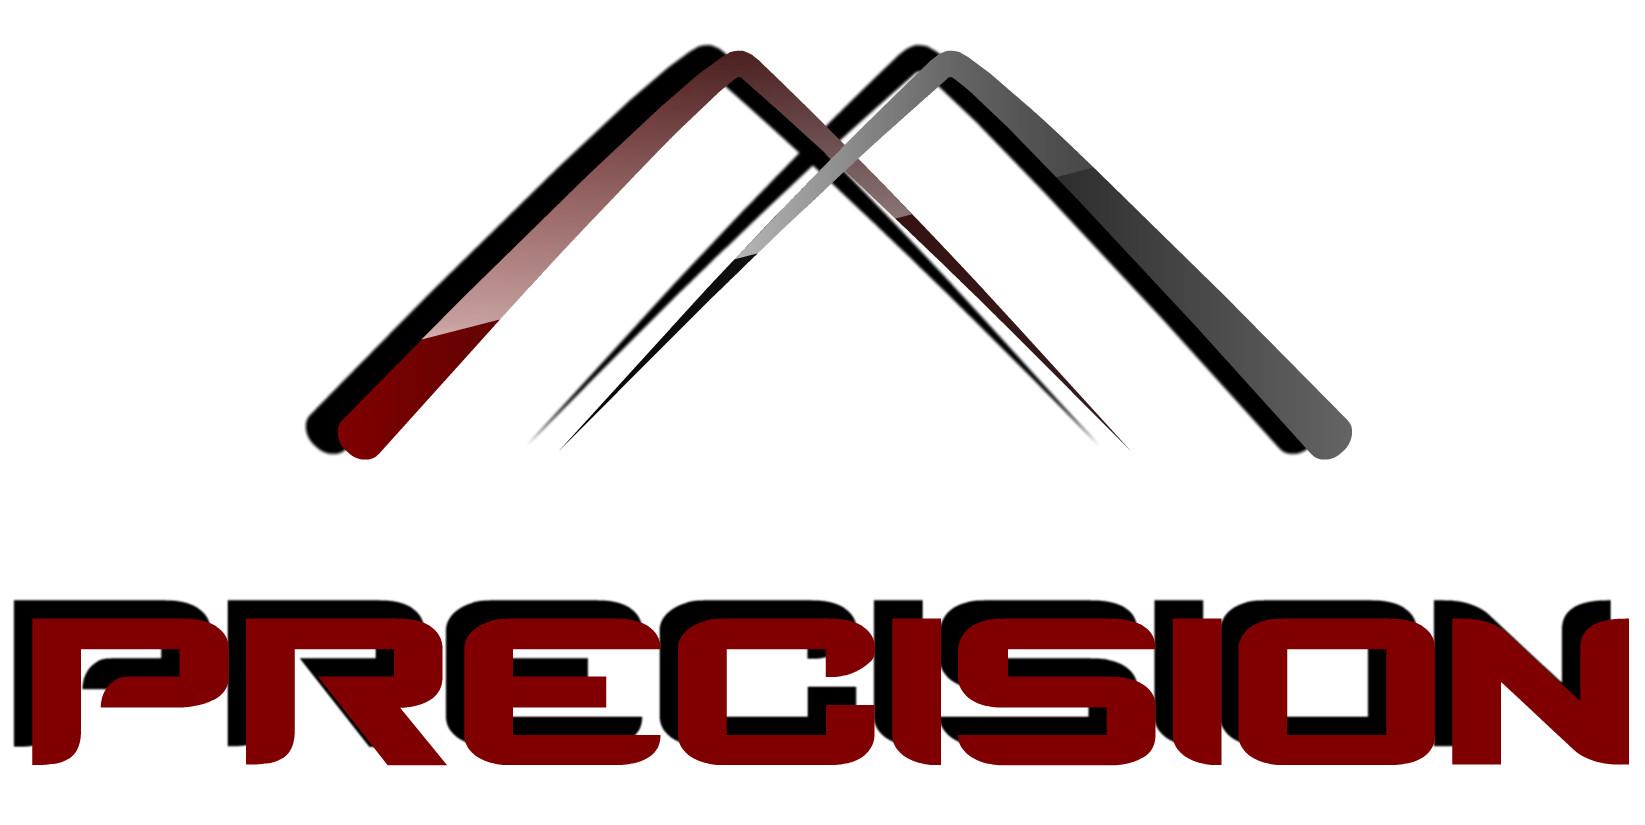 https://asc-usa.com/wp-content/uploads/2015/06/logo-e1458240180341.jpg